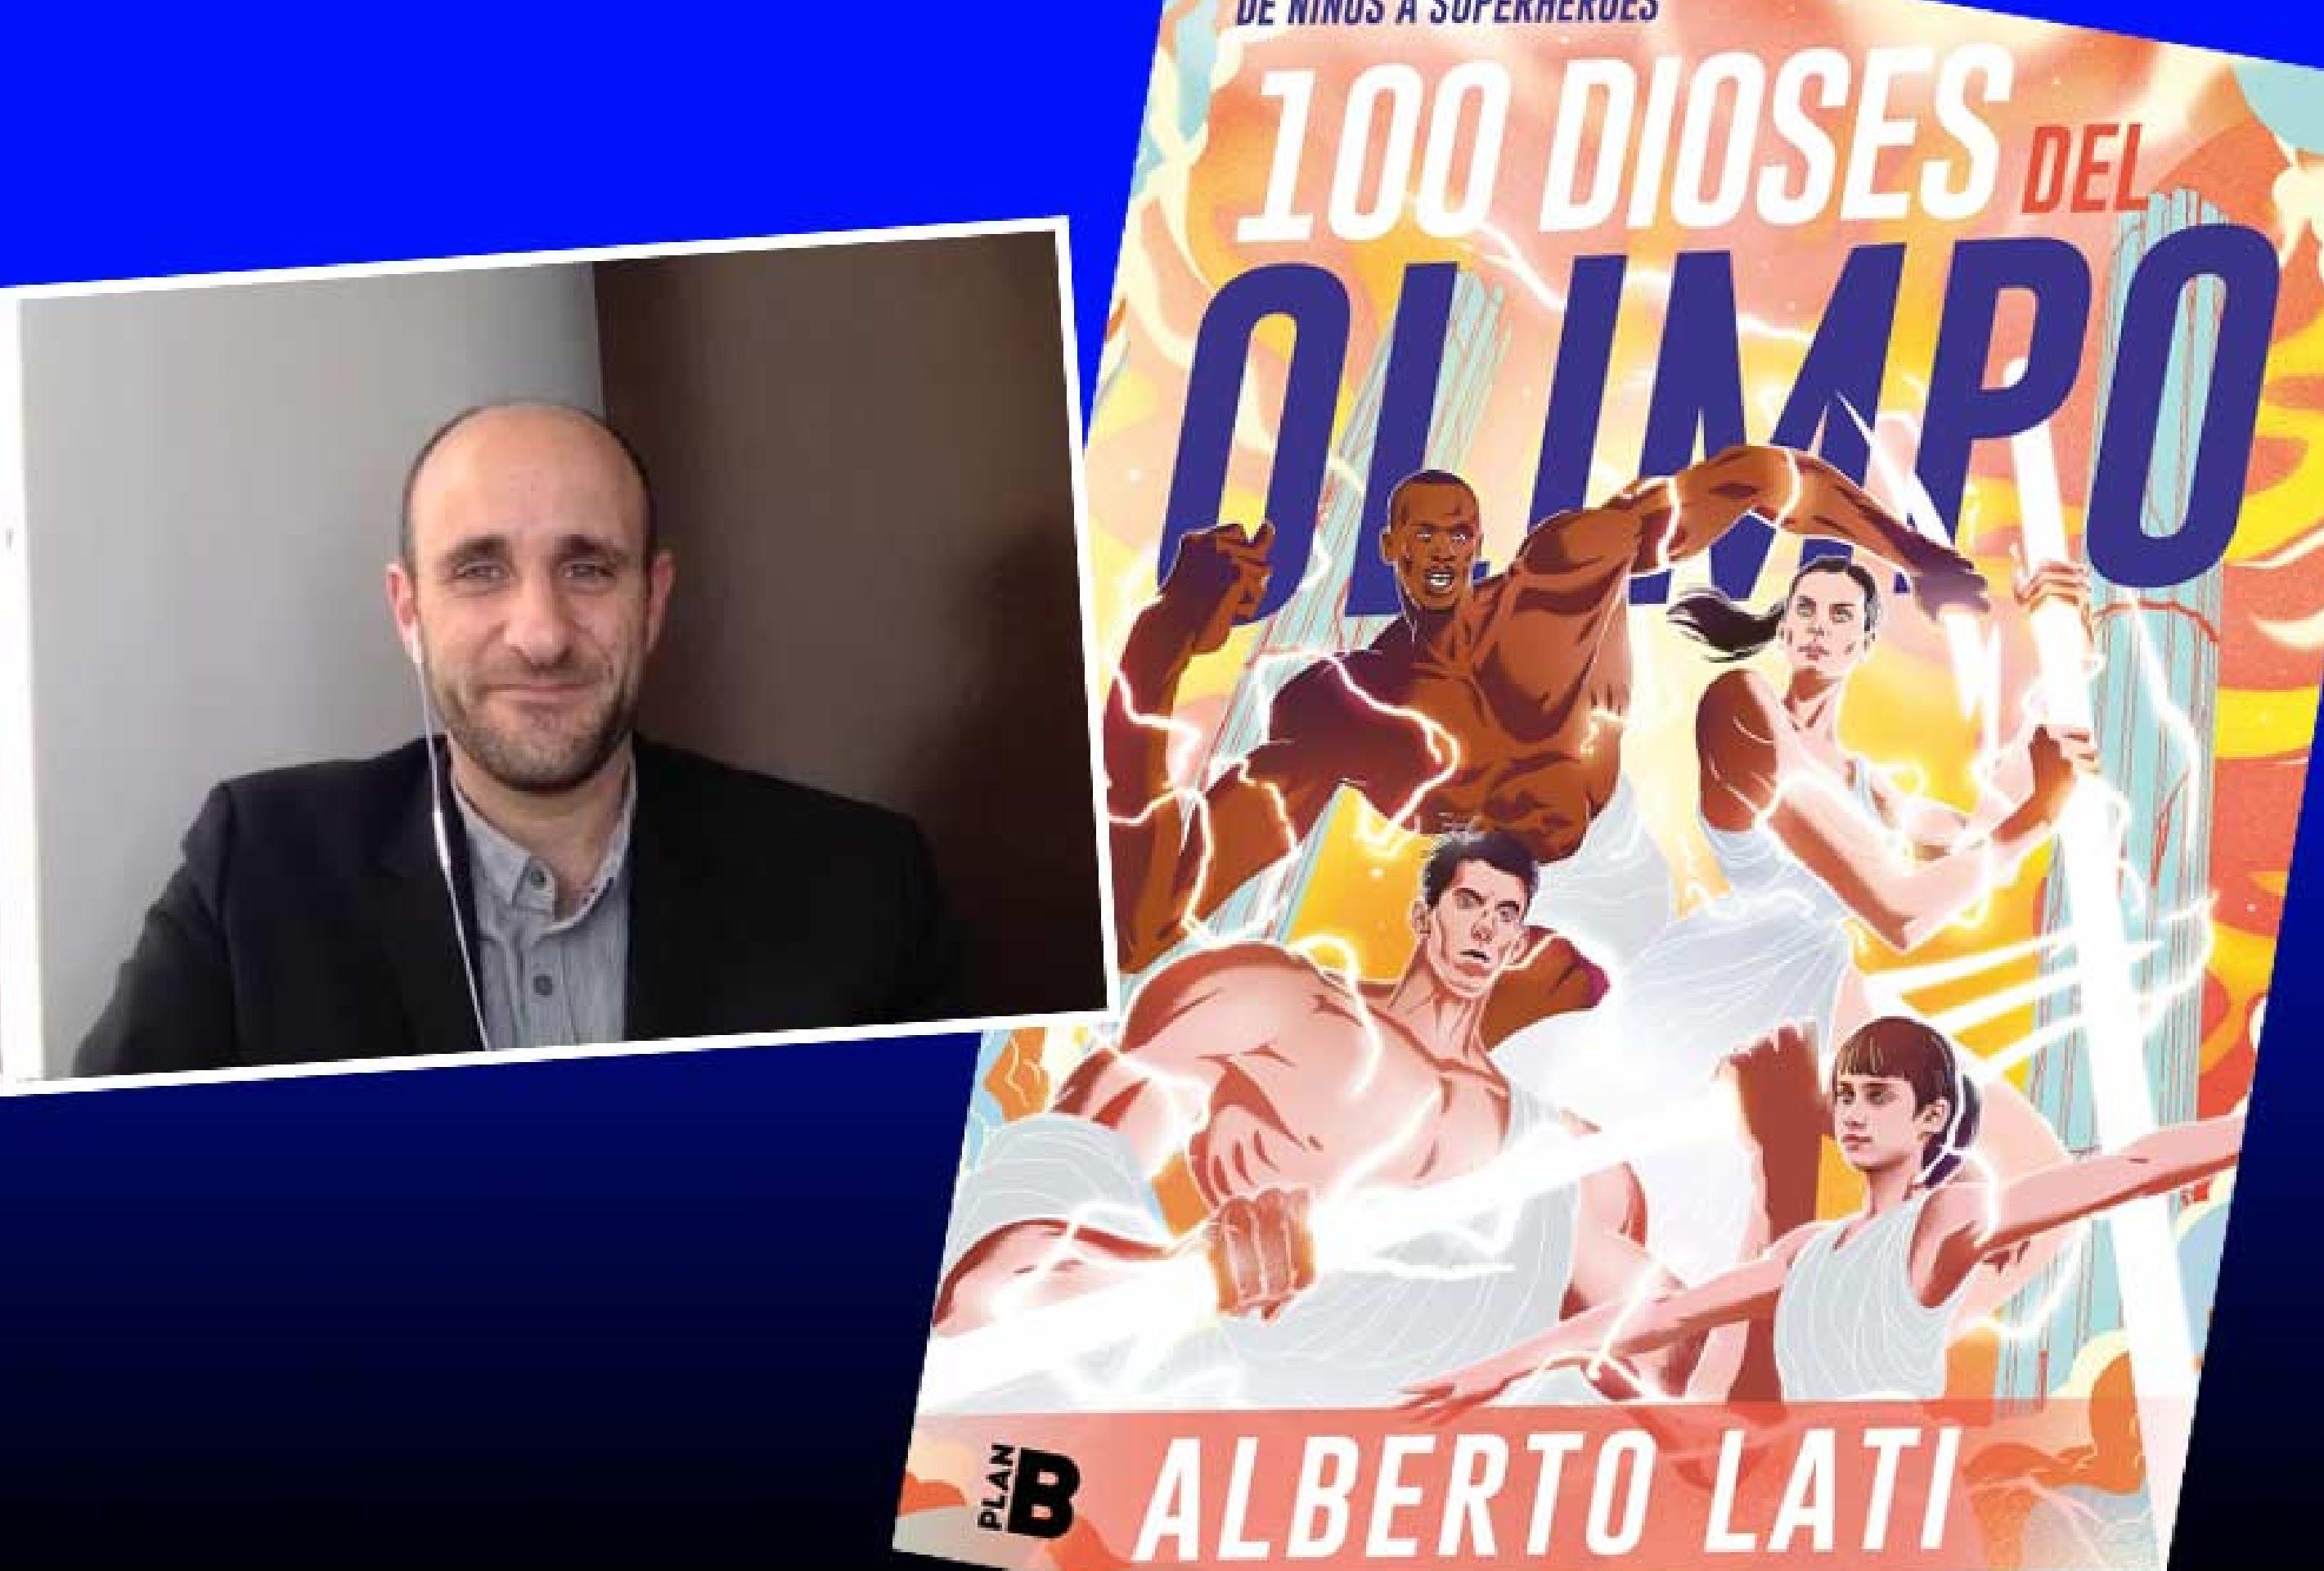 ¿Quieres crear historias? Sigue los consejos del cronista Alberto Lati